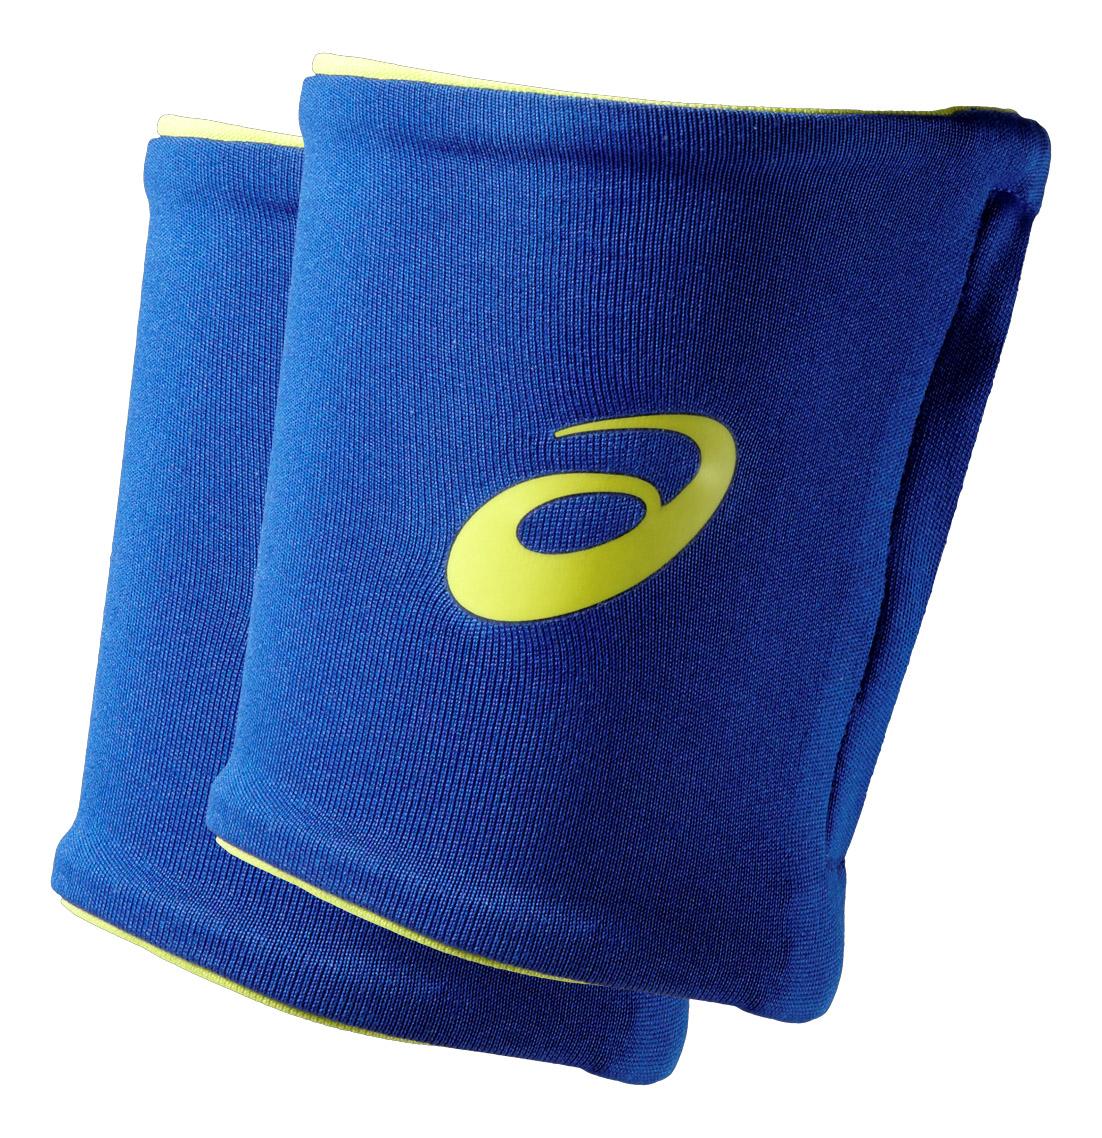 Напульсник Asics, цвет: синий, 2 шт. 132085-8107. Размер универсальный ( 132085-8107 )